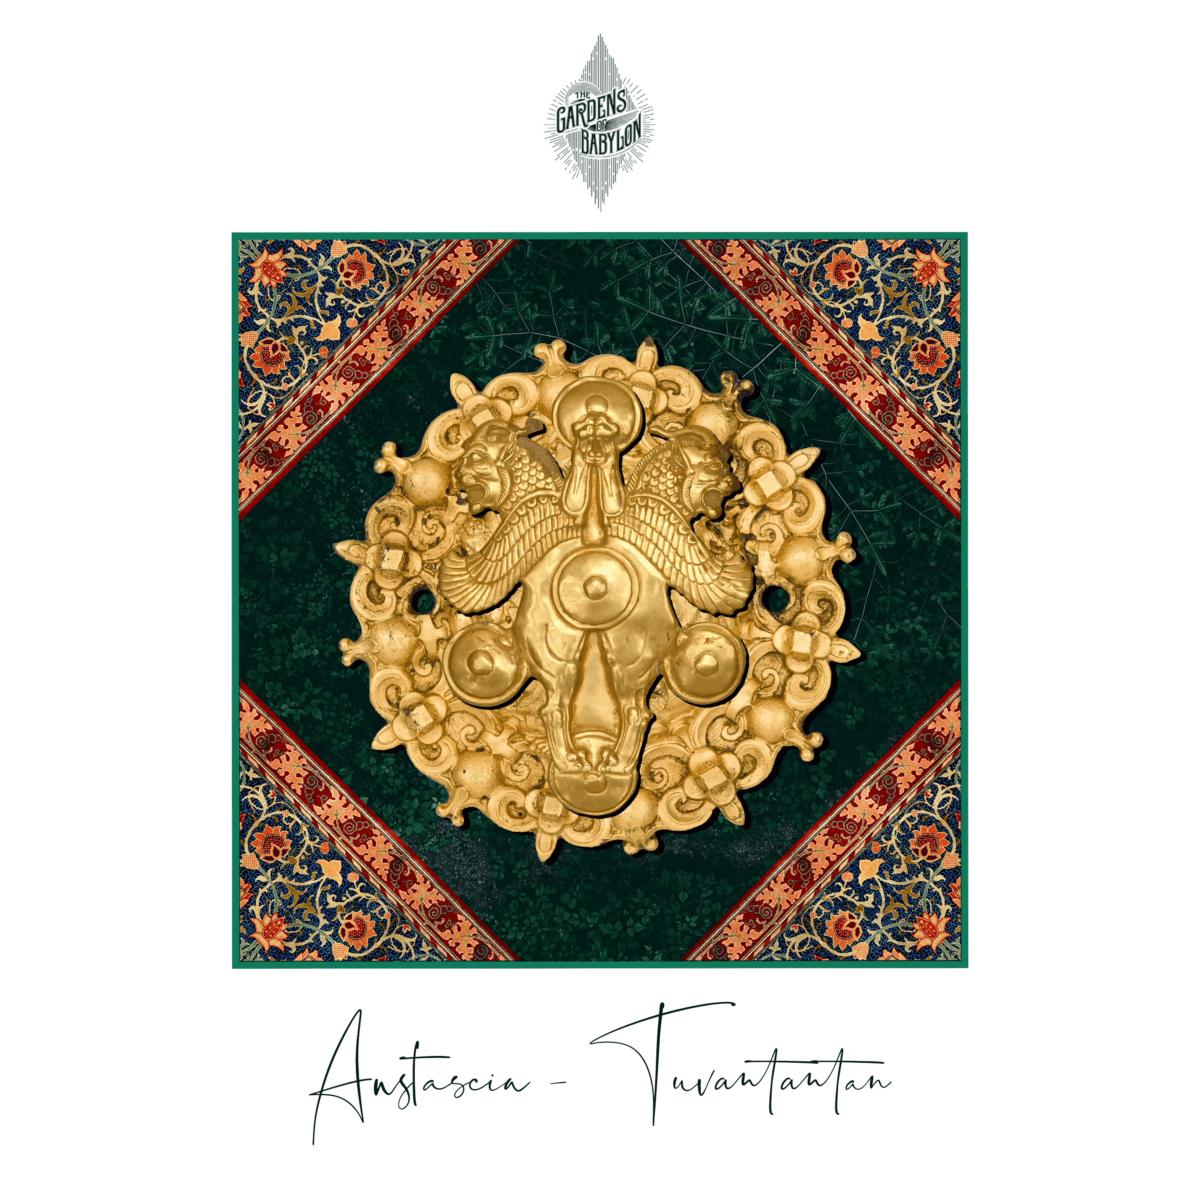 anstascia, astascia tuvantantan, releases, the gardens of babylon